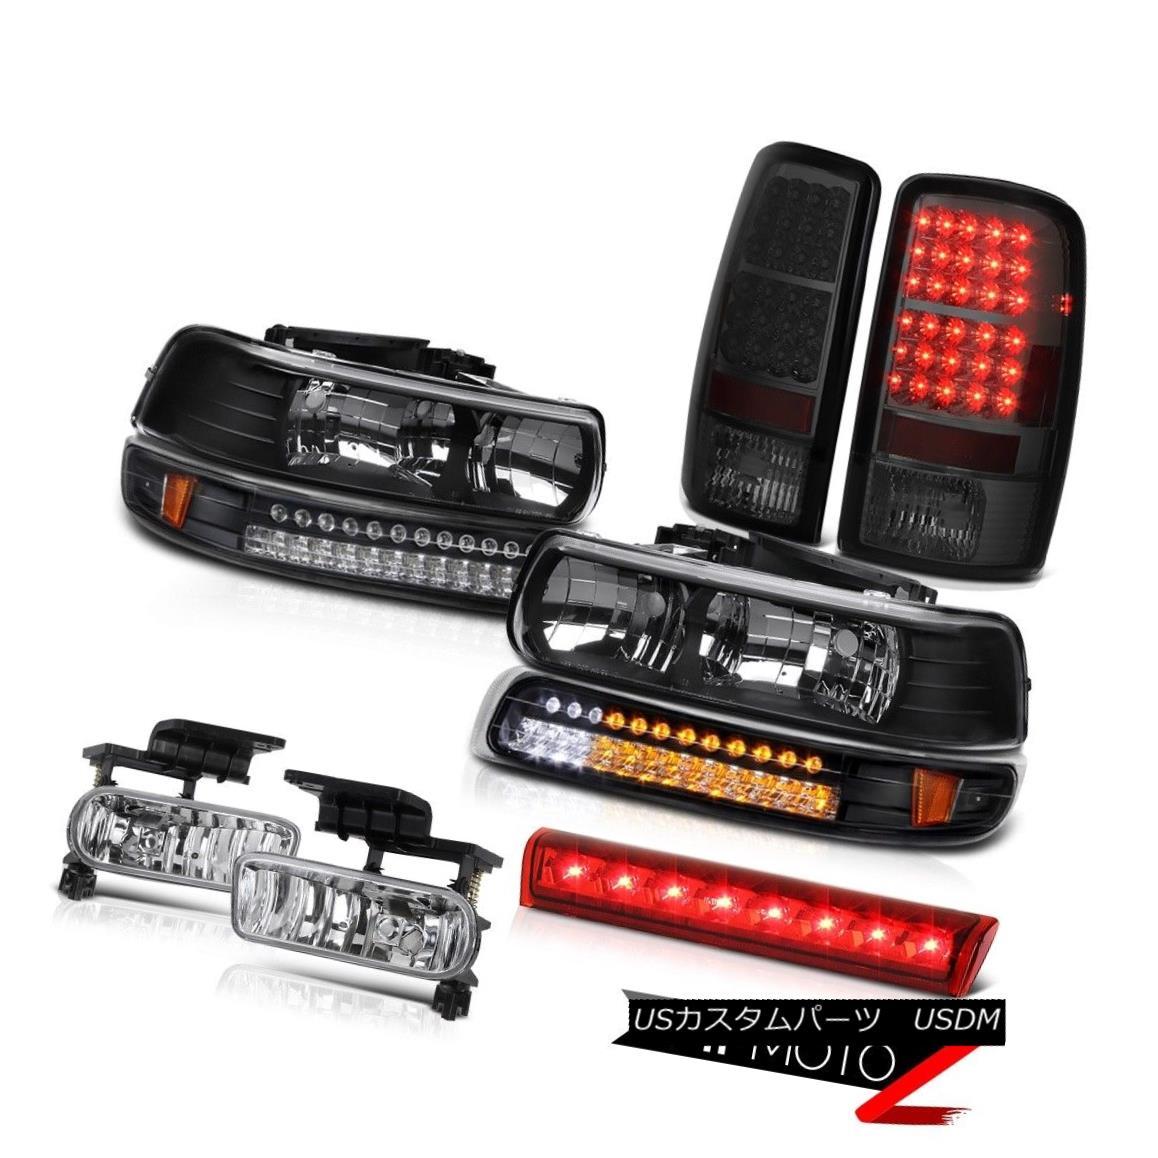 テールライト 2000-2006 Tahoe Z71 Roof brake lamp foglamps taillights black bumper Headlights 2000-2006タホZ71ルーフブレーキランプフォグランプテールライトブラックバンパーヘッドライト